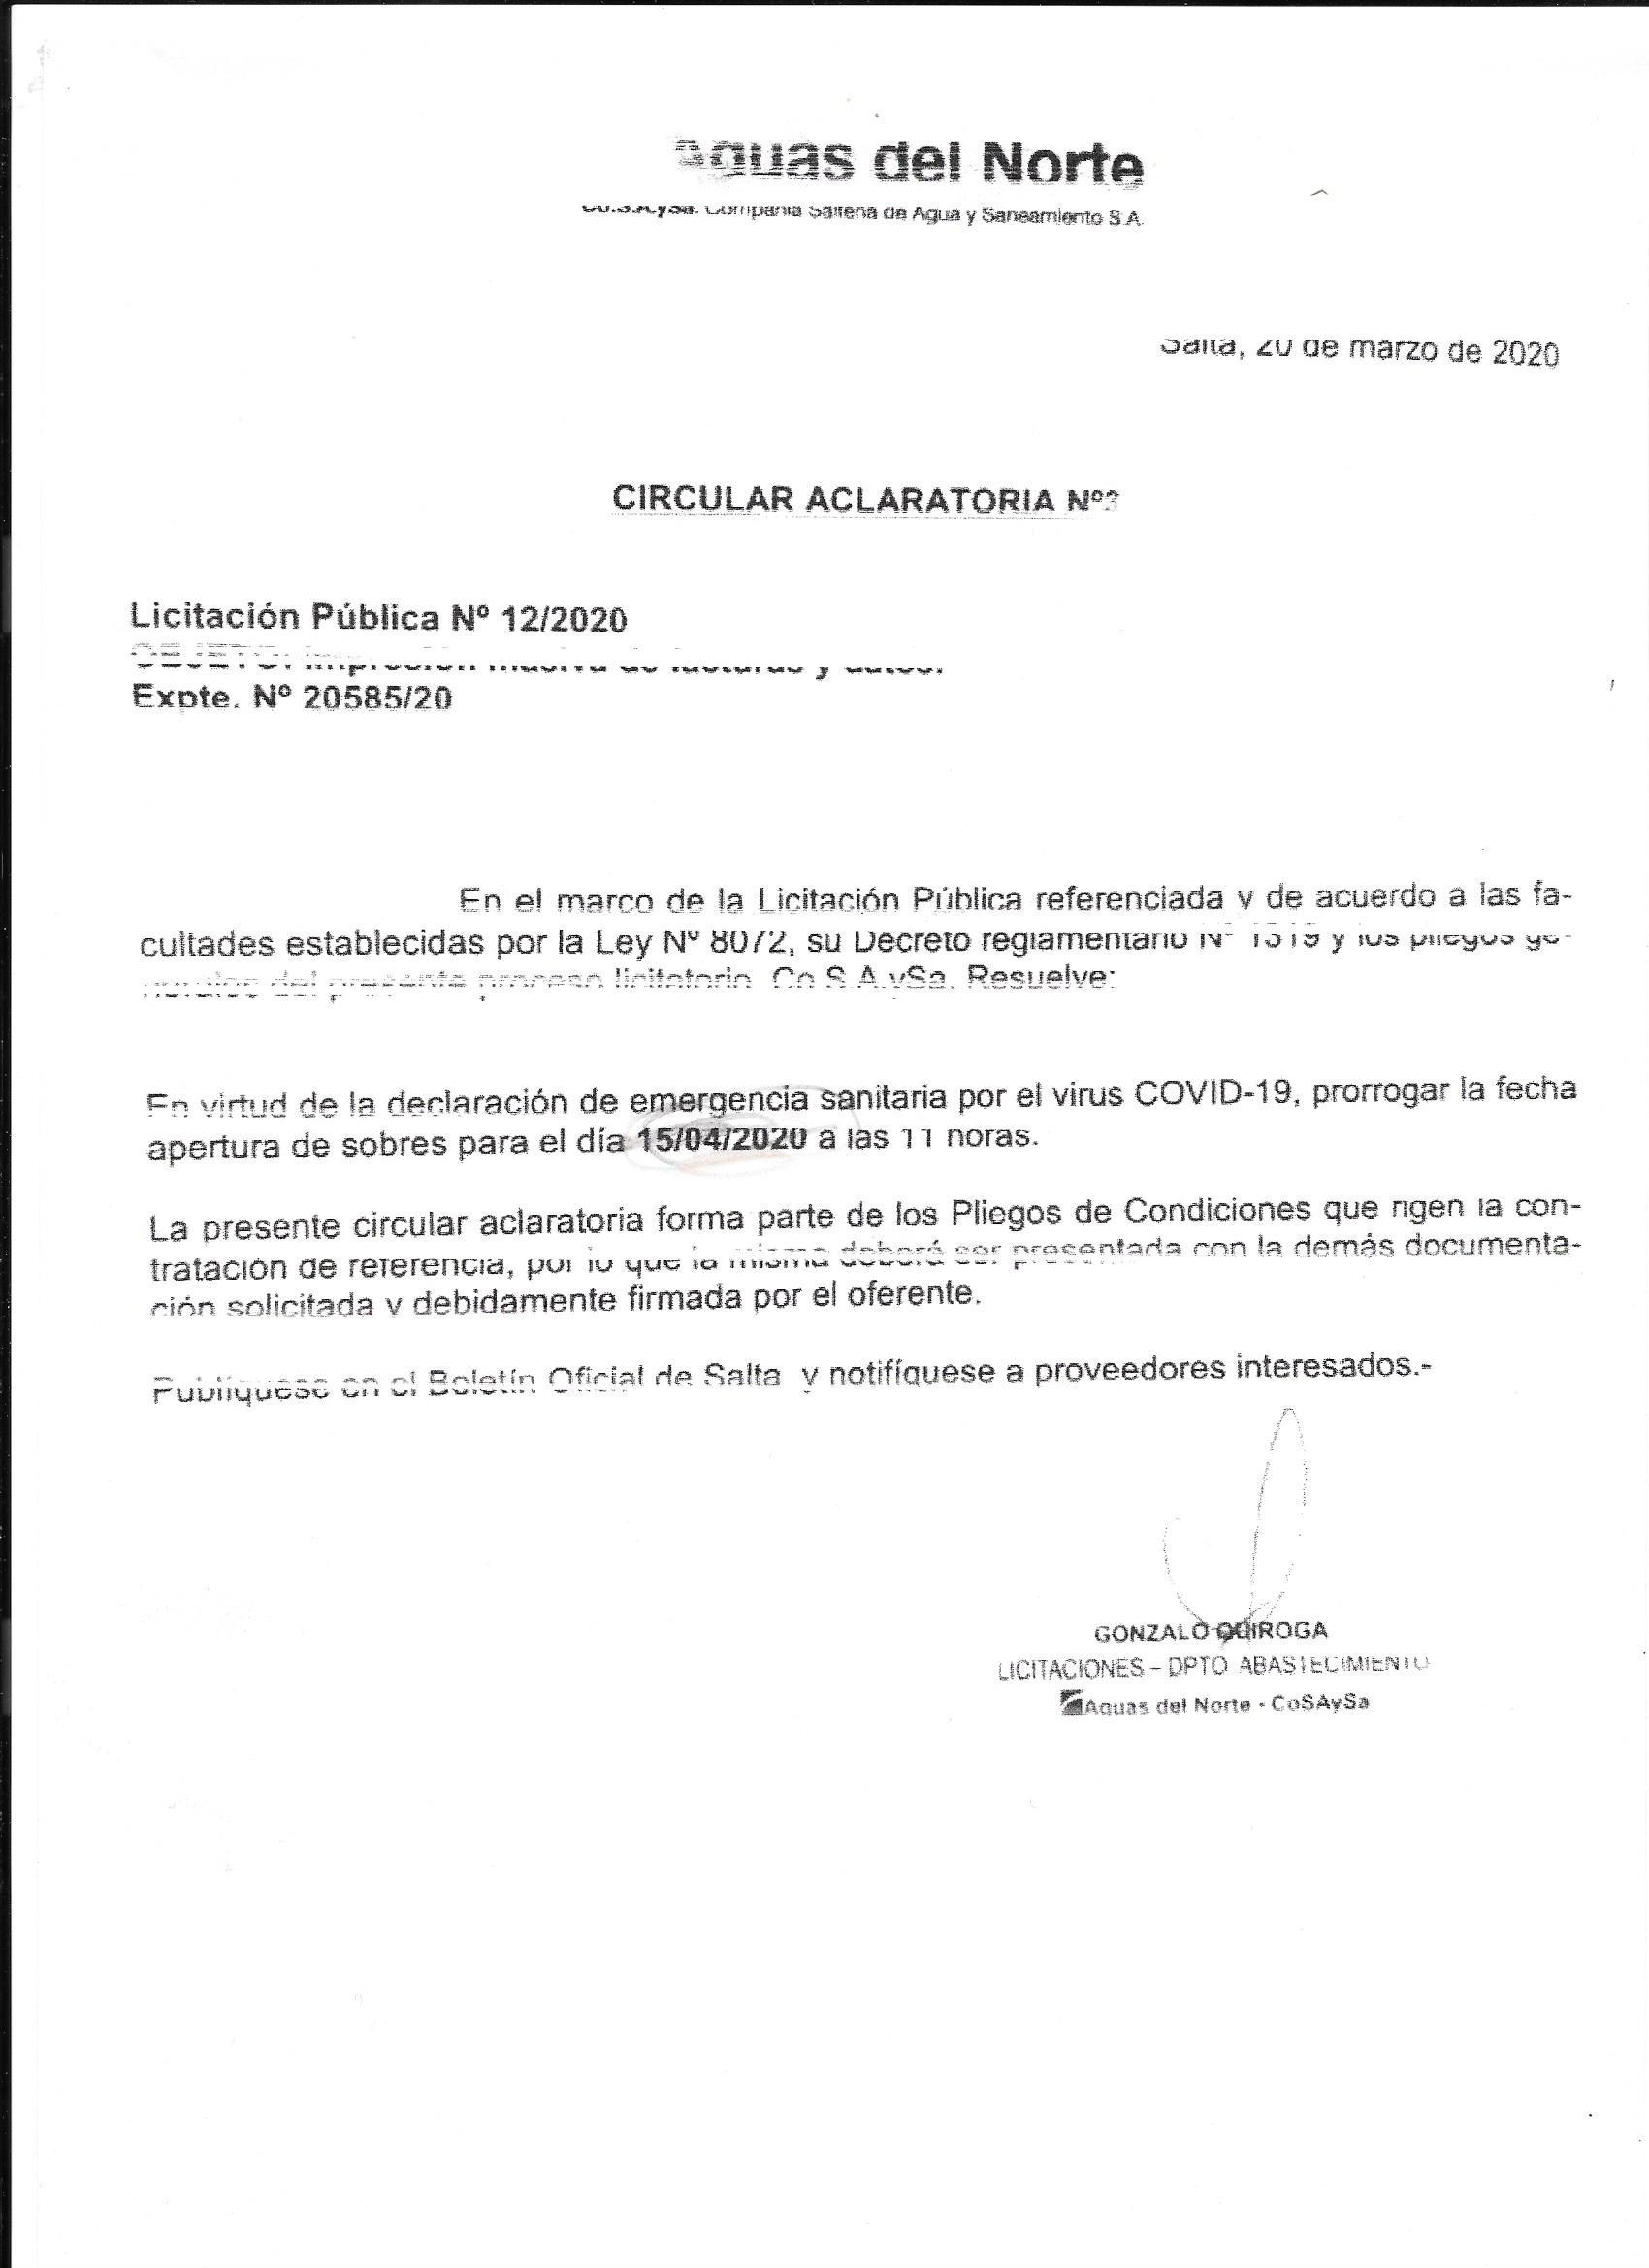 licitacion-aguas-del-norte-15-04